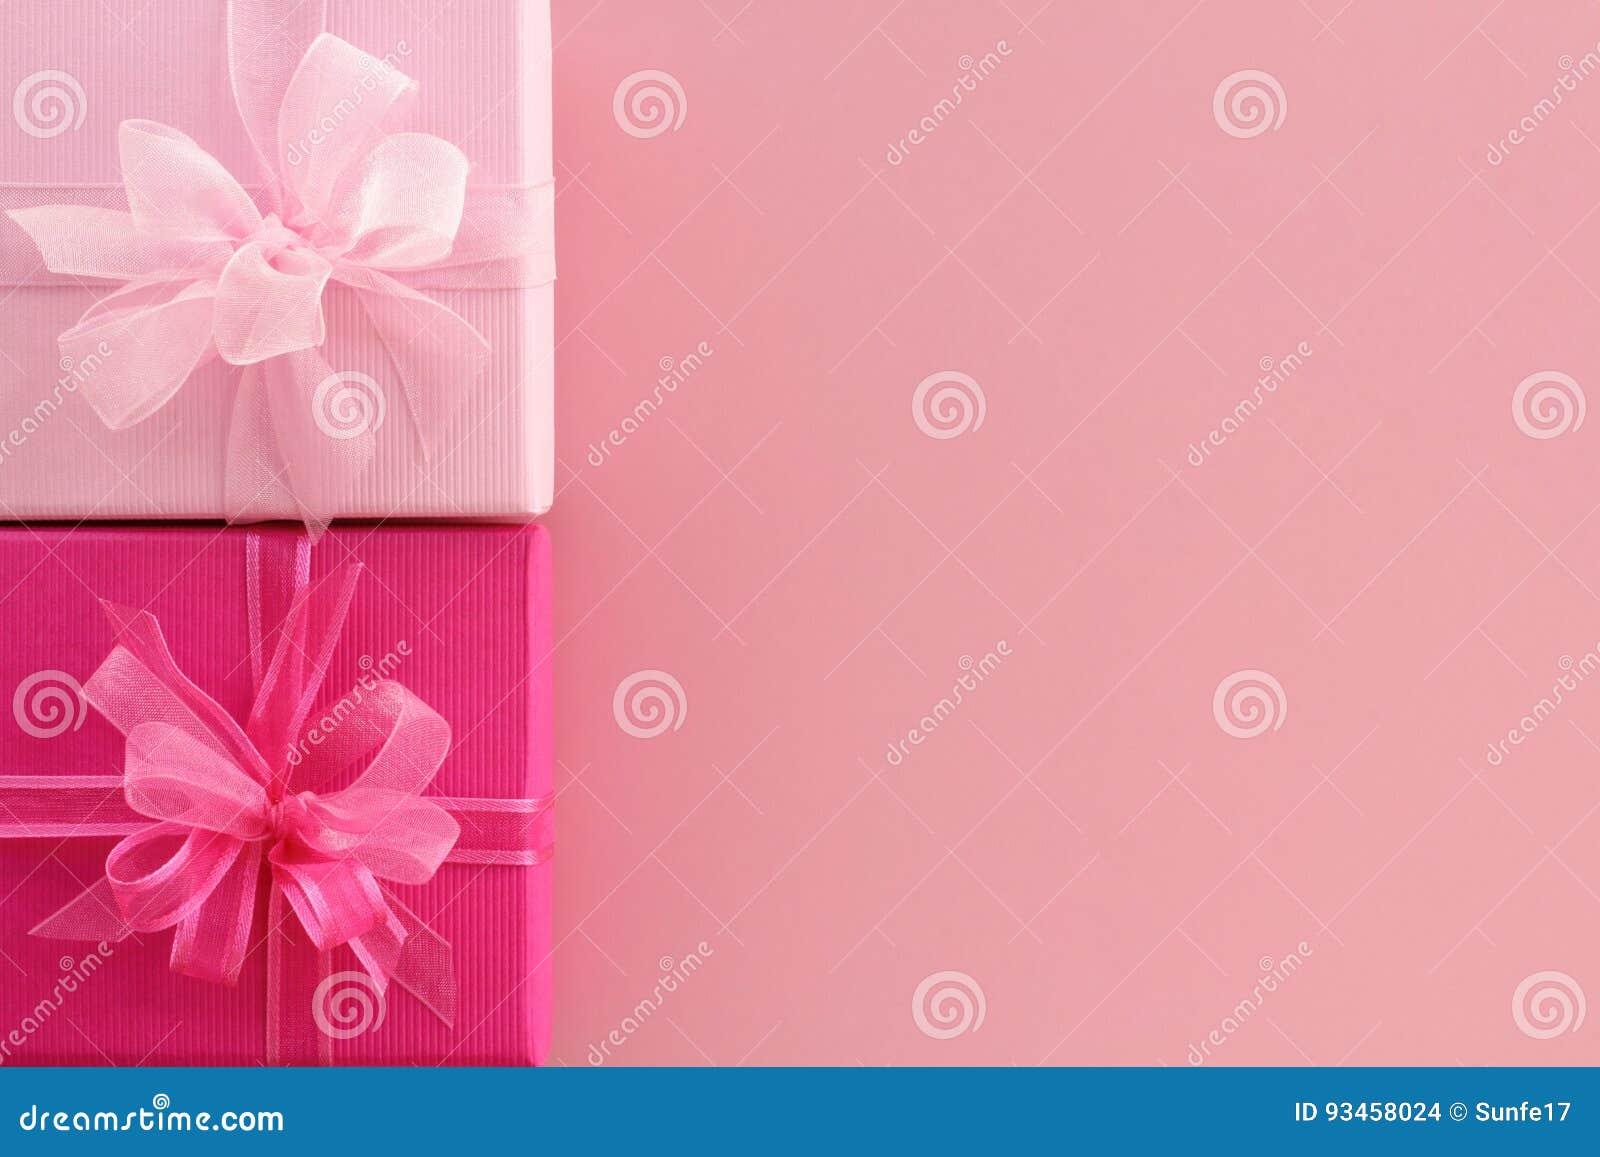 Caixas de presente cor-de-rosa